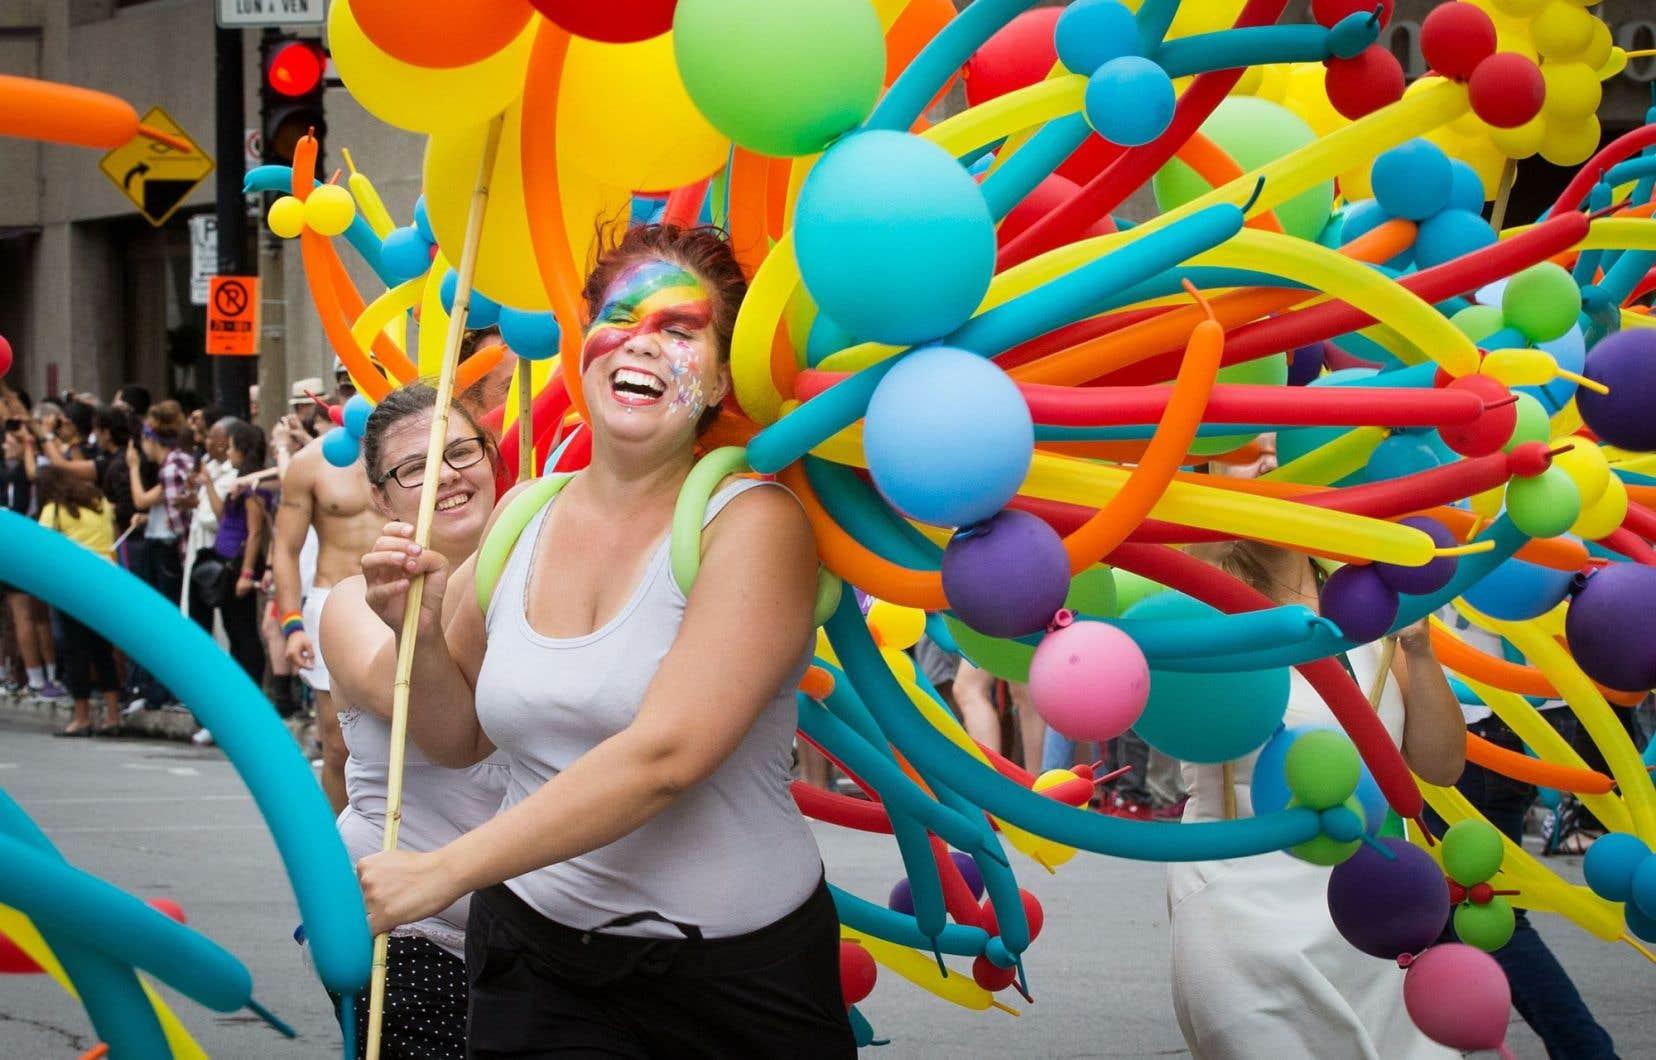 54% des sondés issus des communautés LGBTQ ont l'impression que «la vie sera ou aura été plus difficile que celle d'une personne ne faisant pas partie des minorités sexuelles ou de genre».